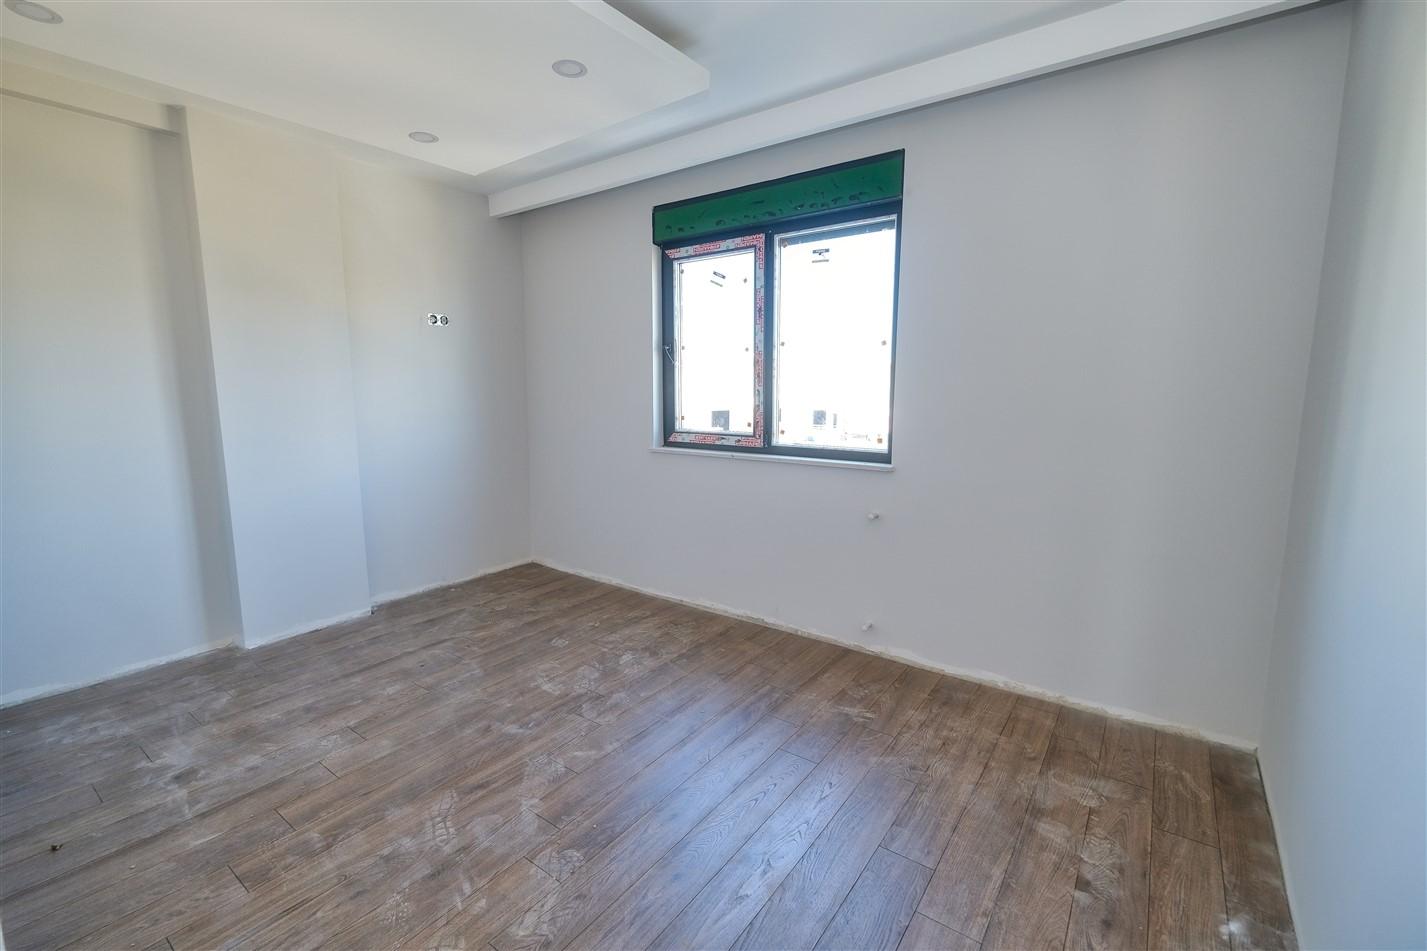 Четырёхкомнатная квартира в Анталье по демократичной цене - Фото 6